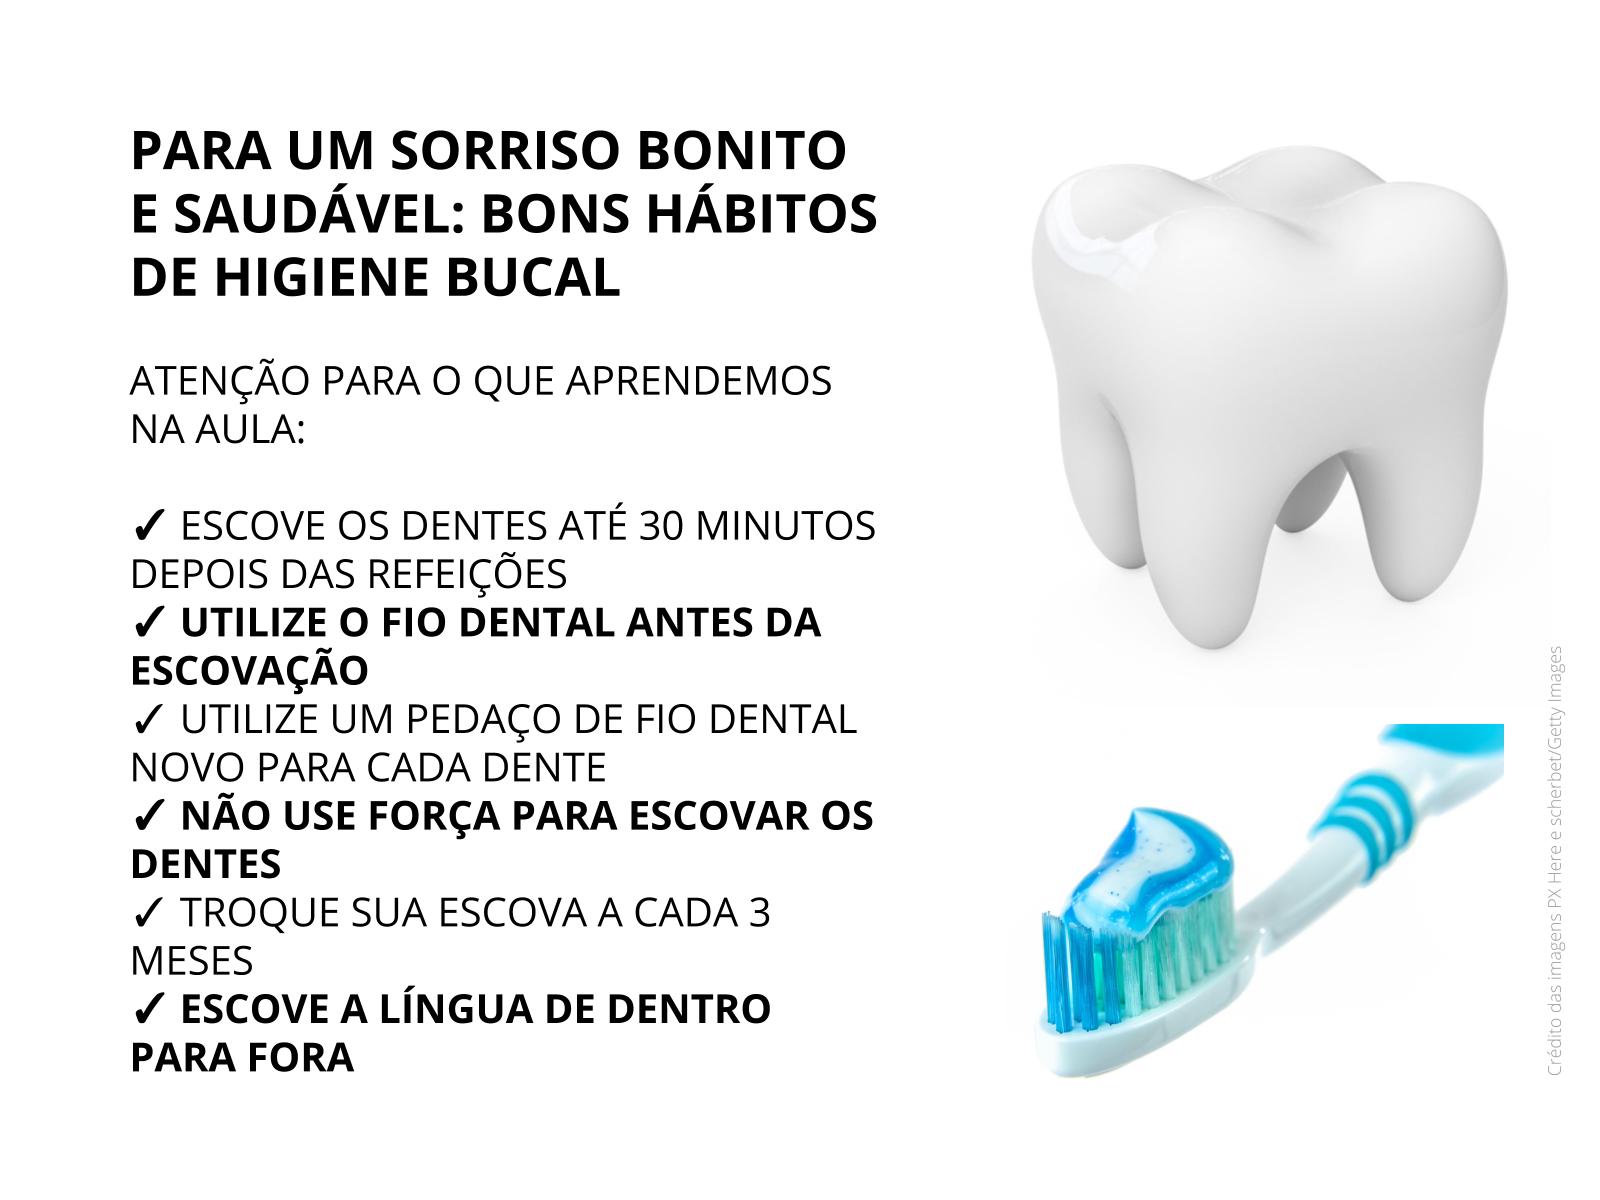 Higiene bucal para um sorriso saudável